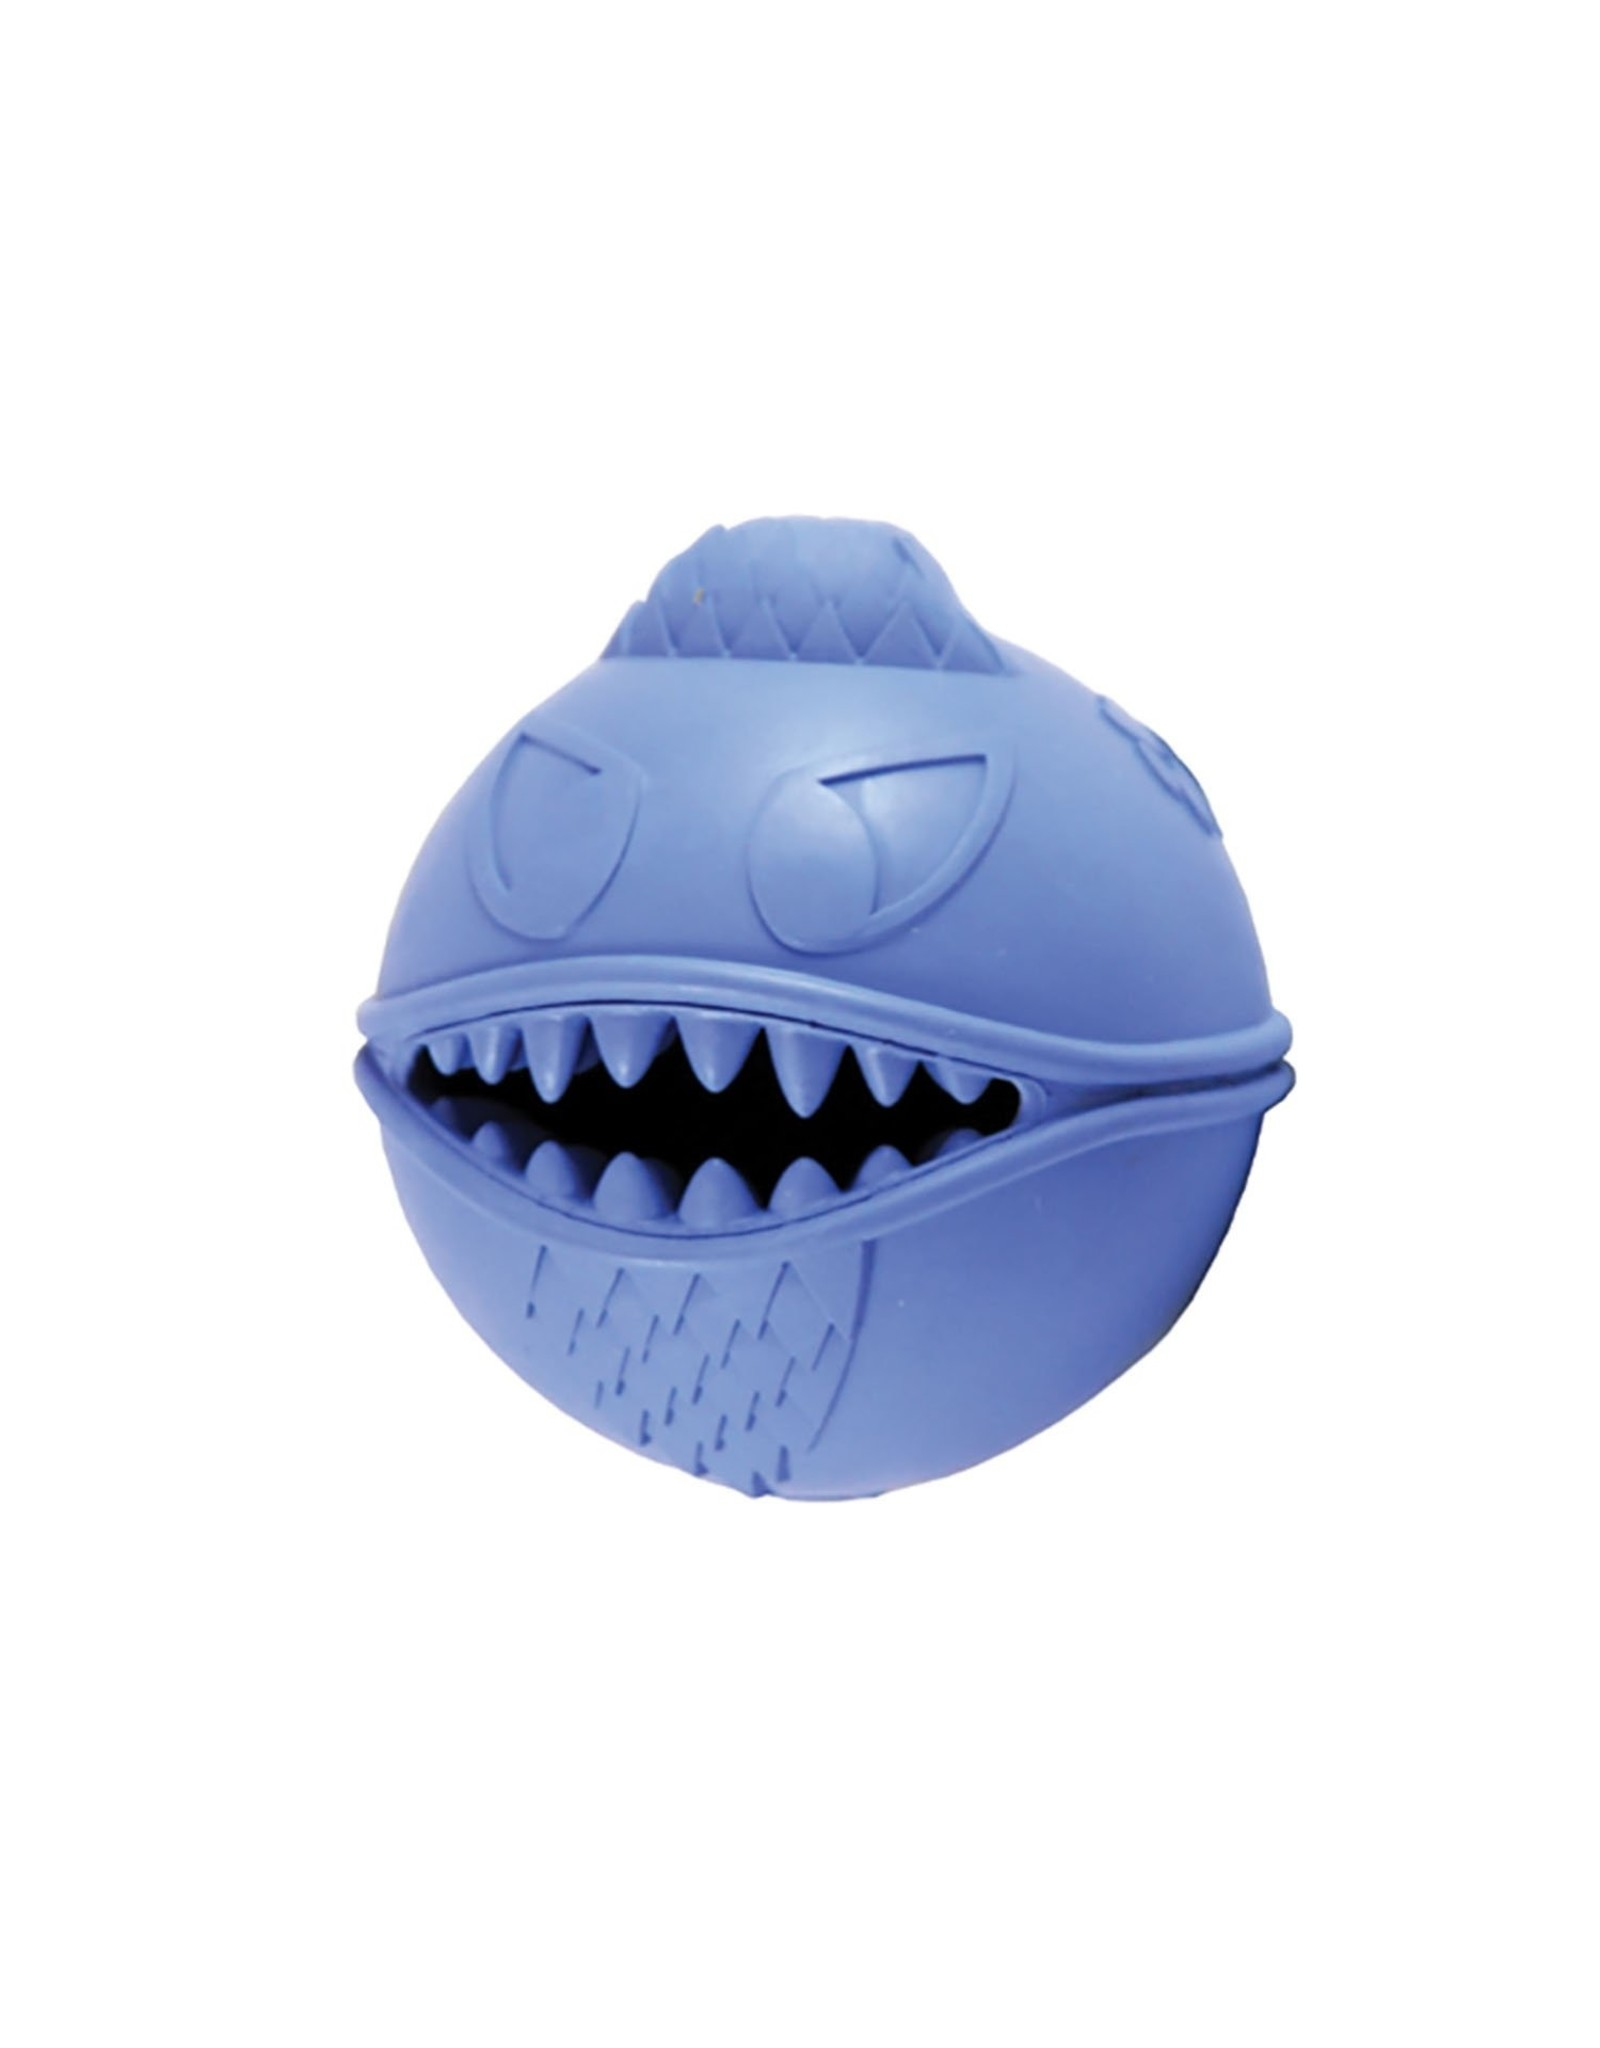 Jolly Pets Jolly Monster Ball Dog Treat Dispenser